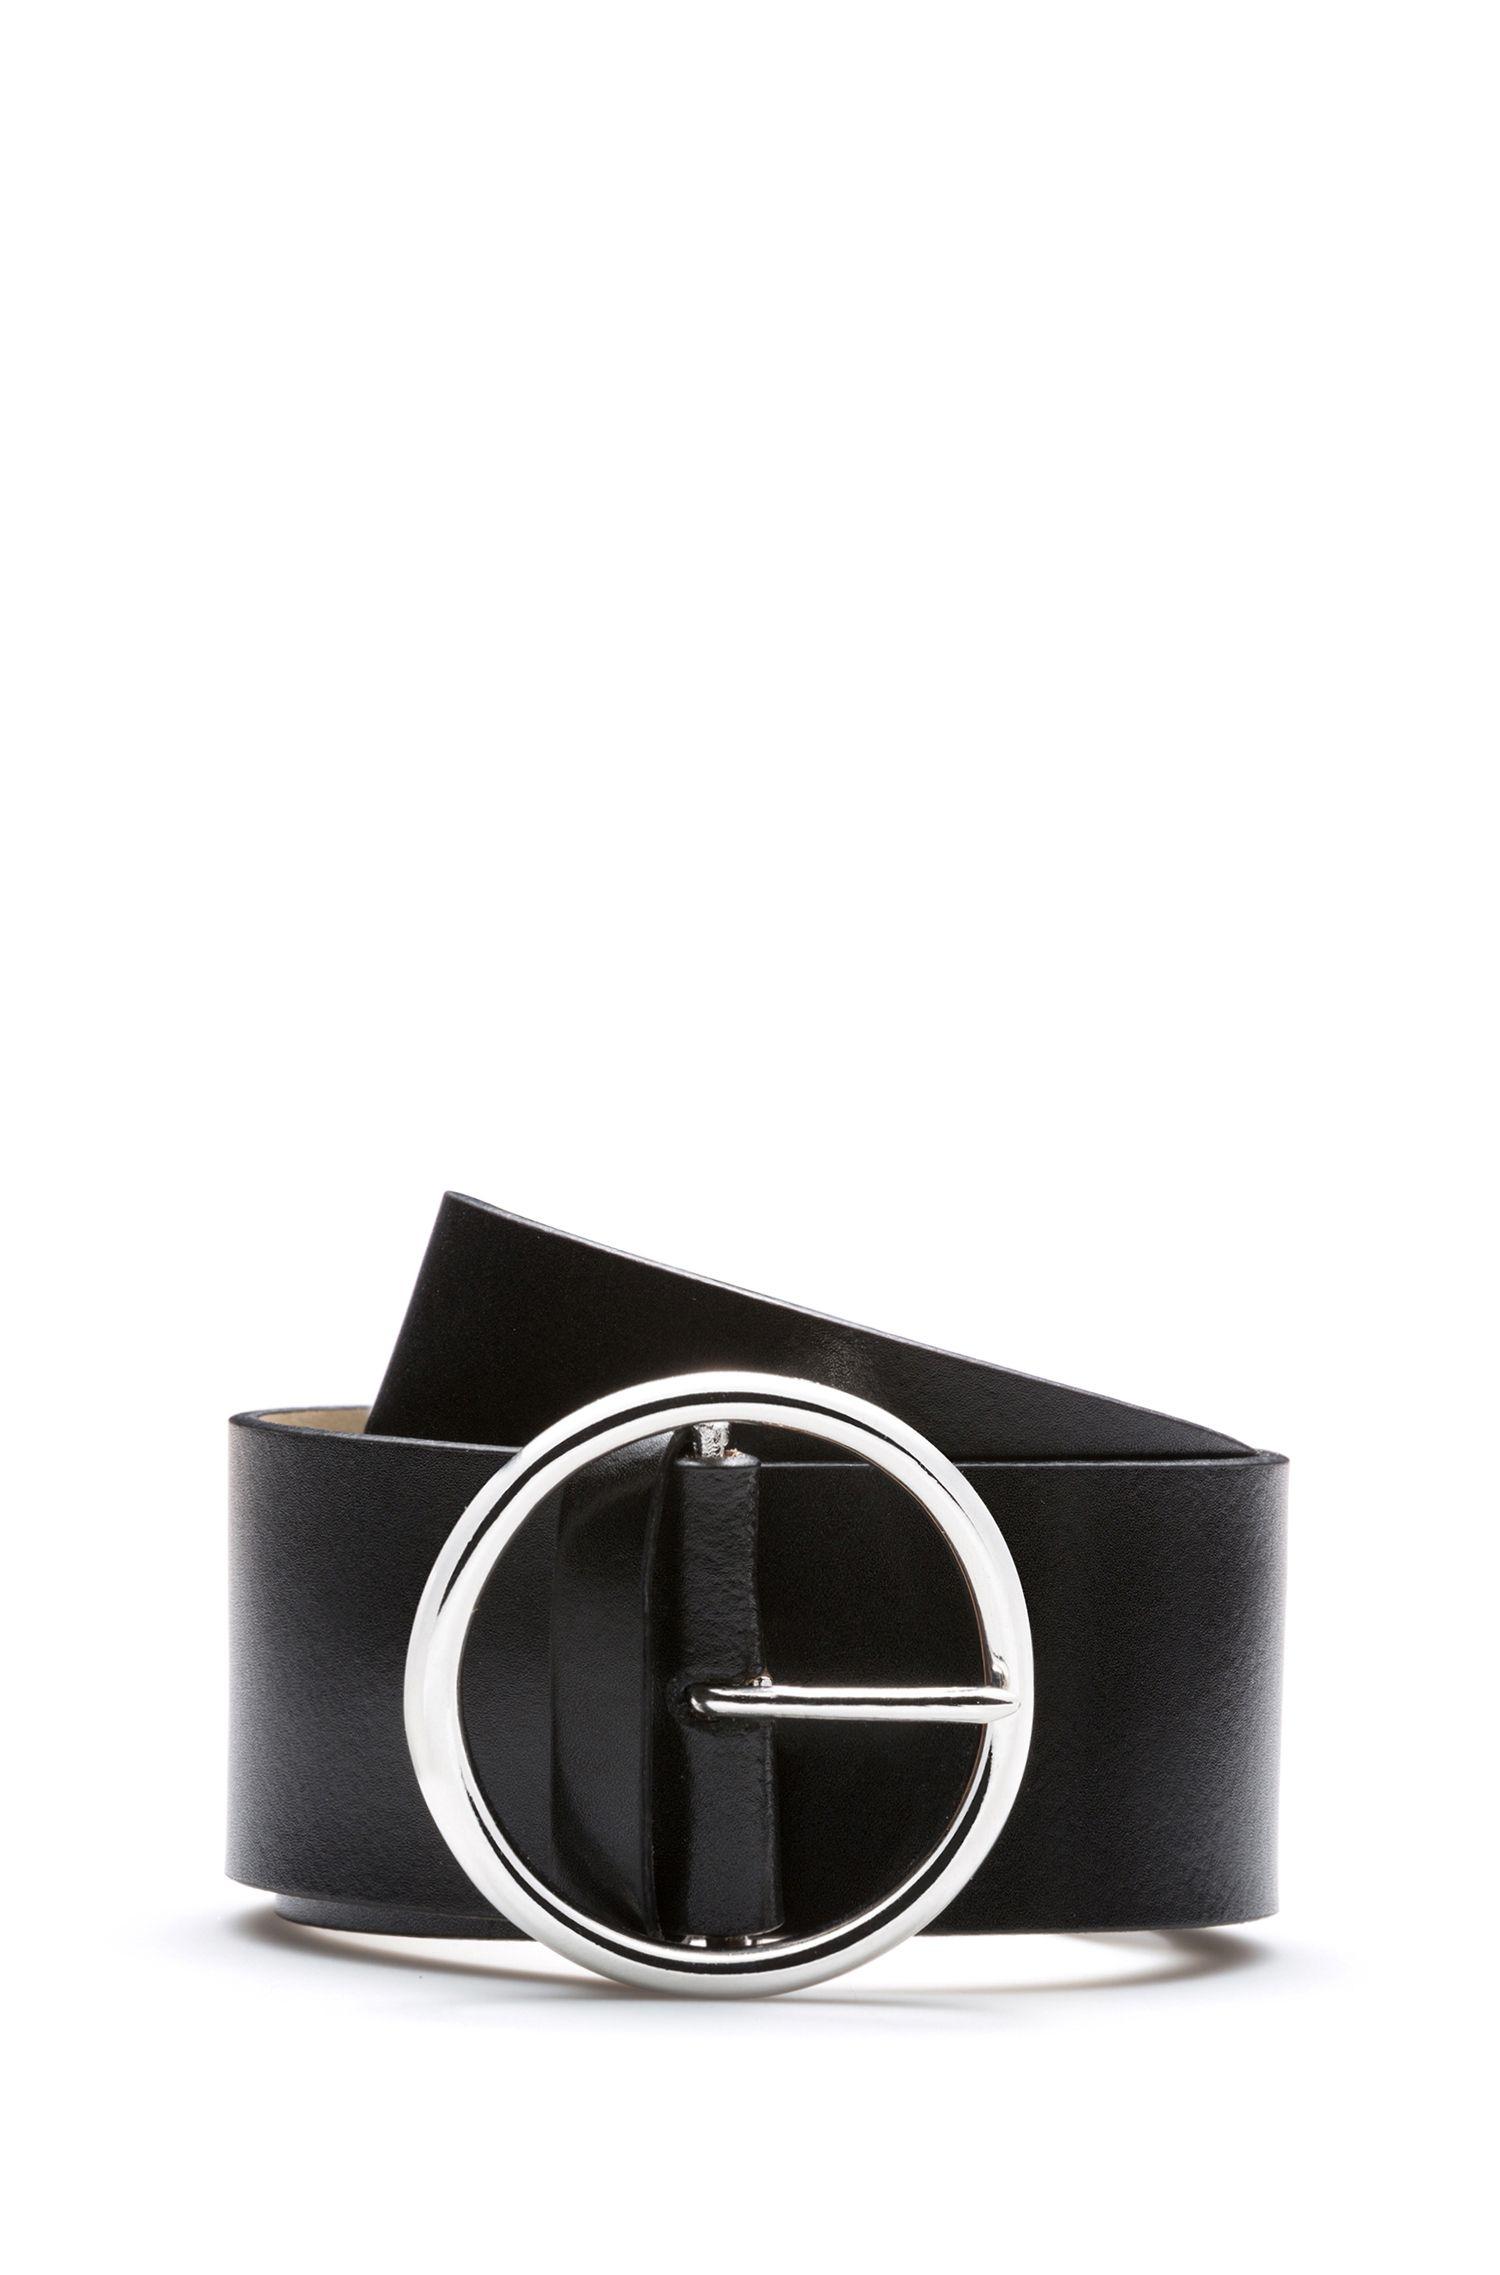 Cinturón de piel con hebilla redonda